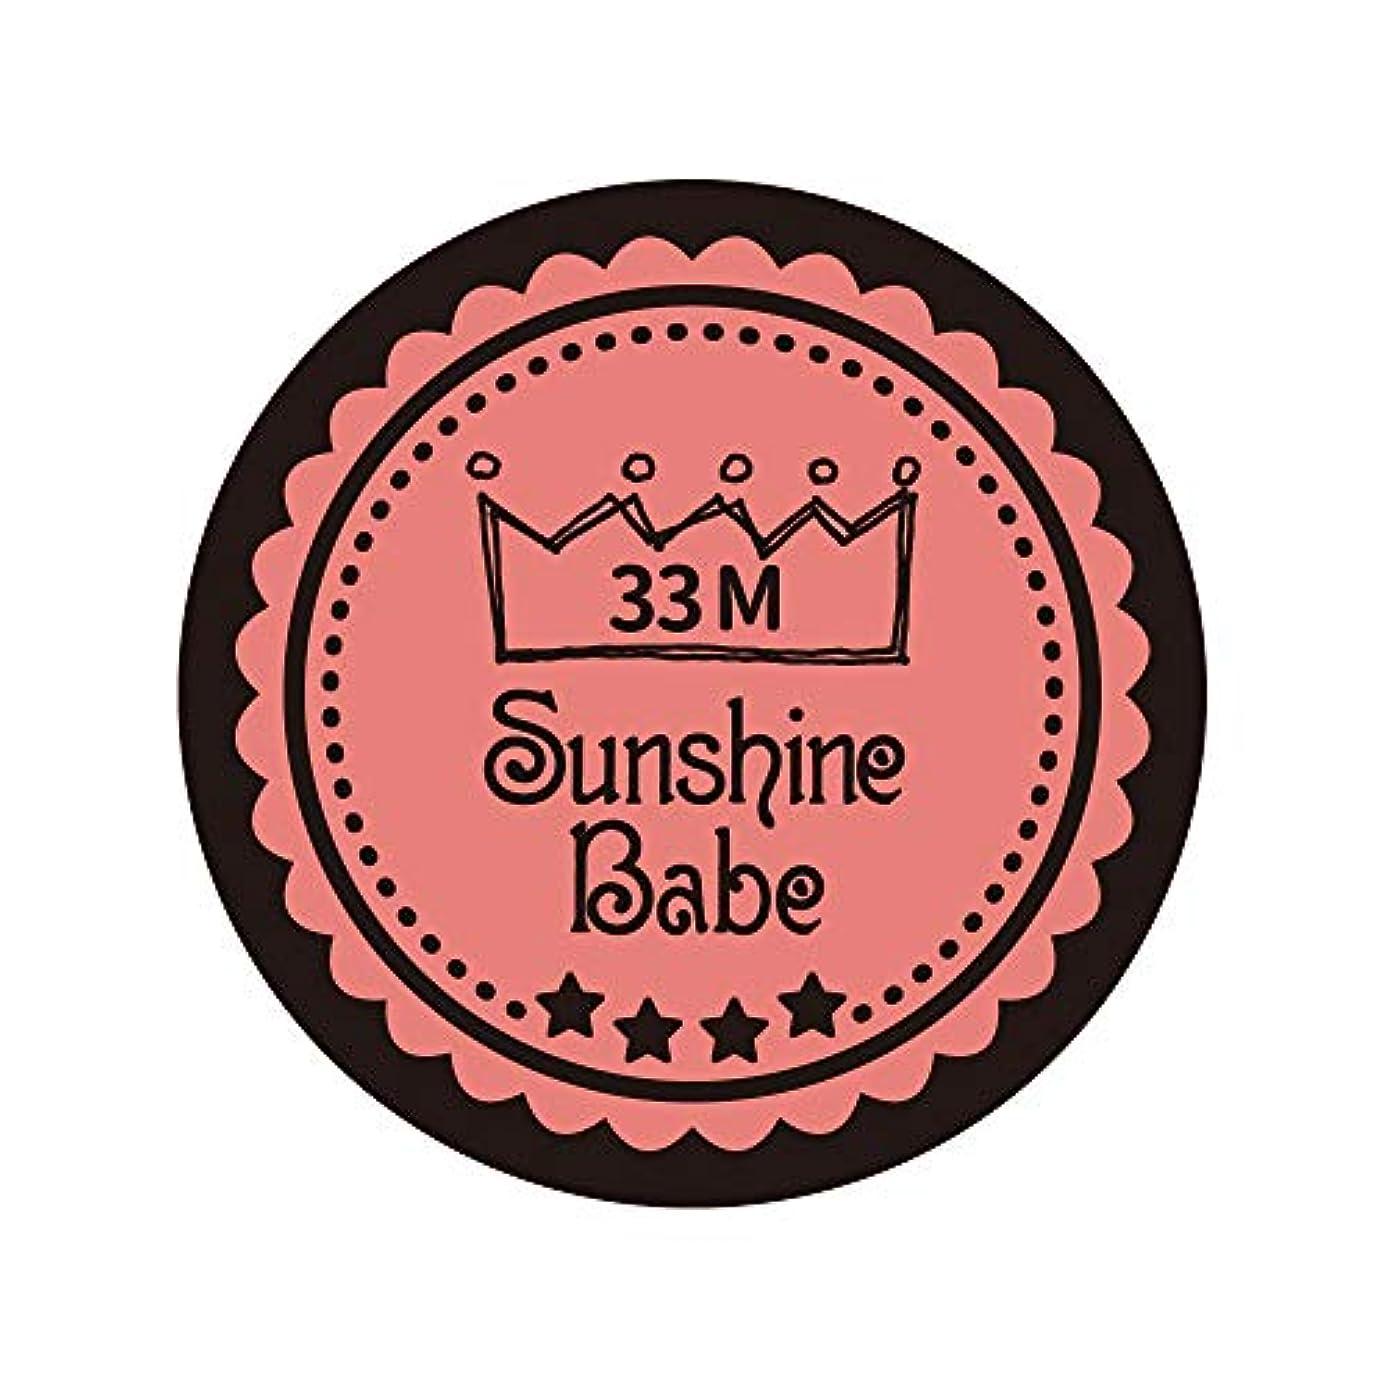 プリーツ重々しい接ぎ木Sunshine Babe カラージェル 33M ベイクドコーラルピンク 4g UV/LED対応